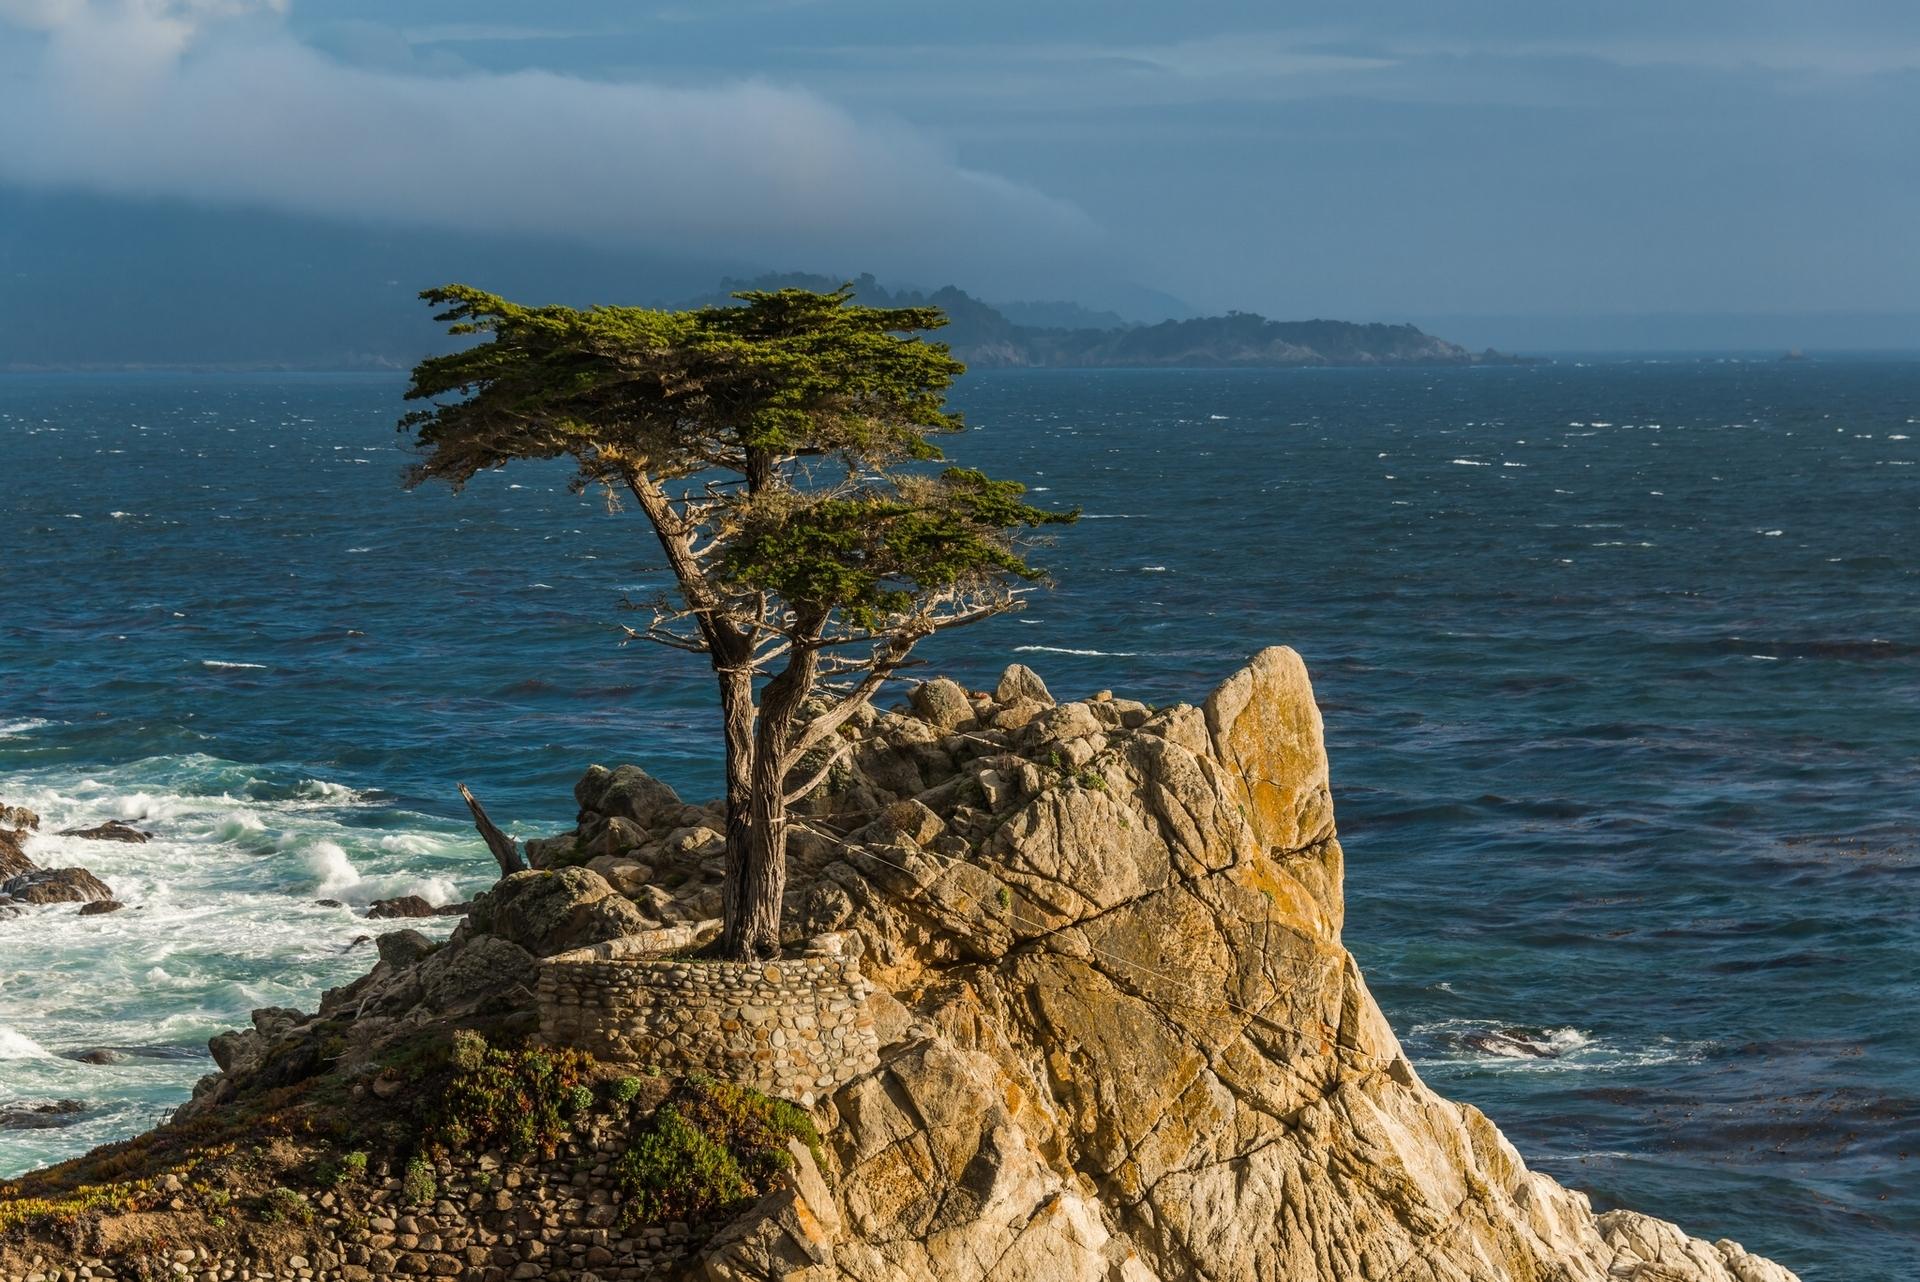 дерево море высота  № 964223 без смс